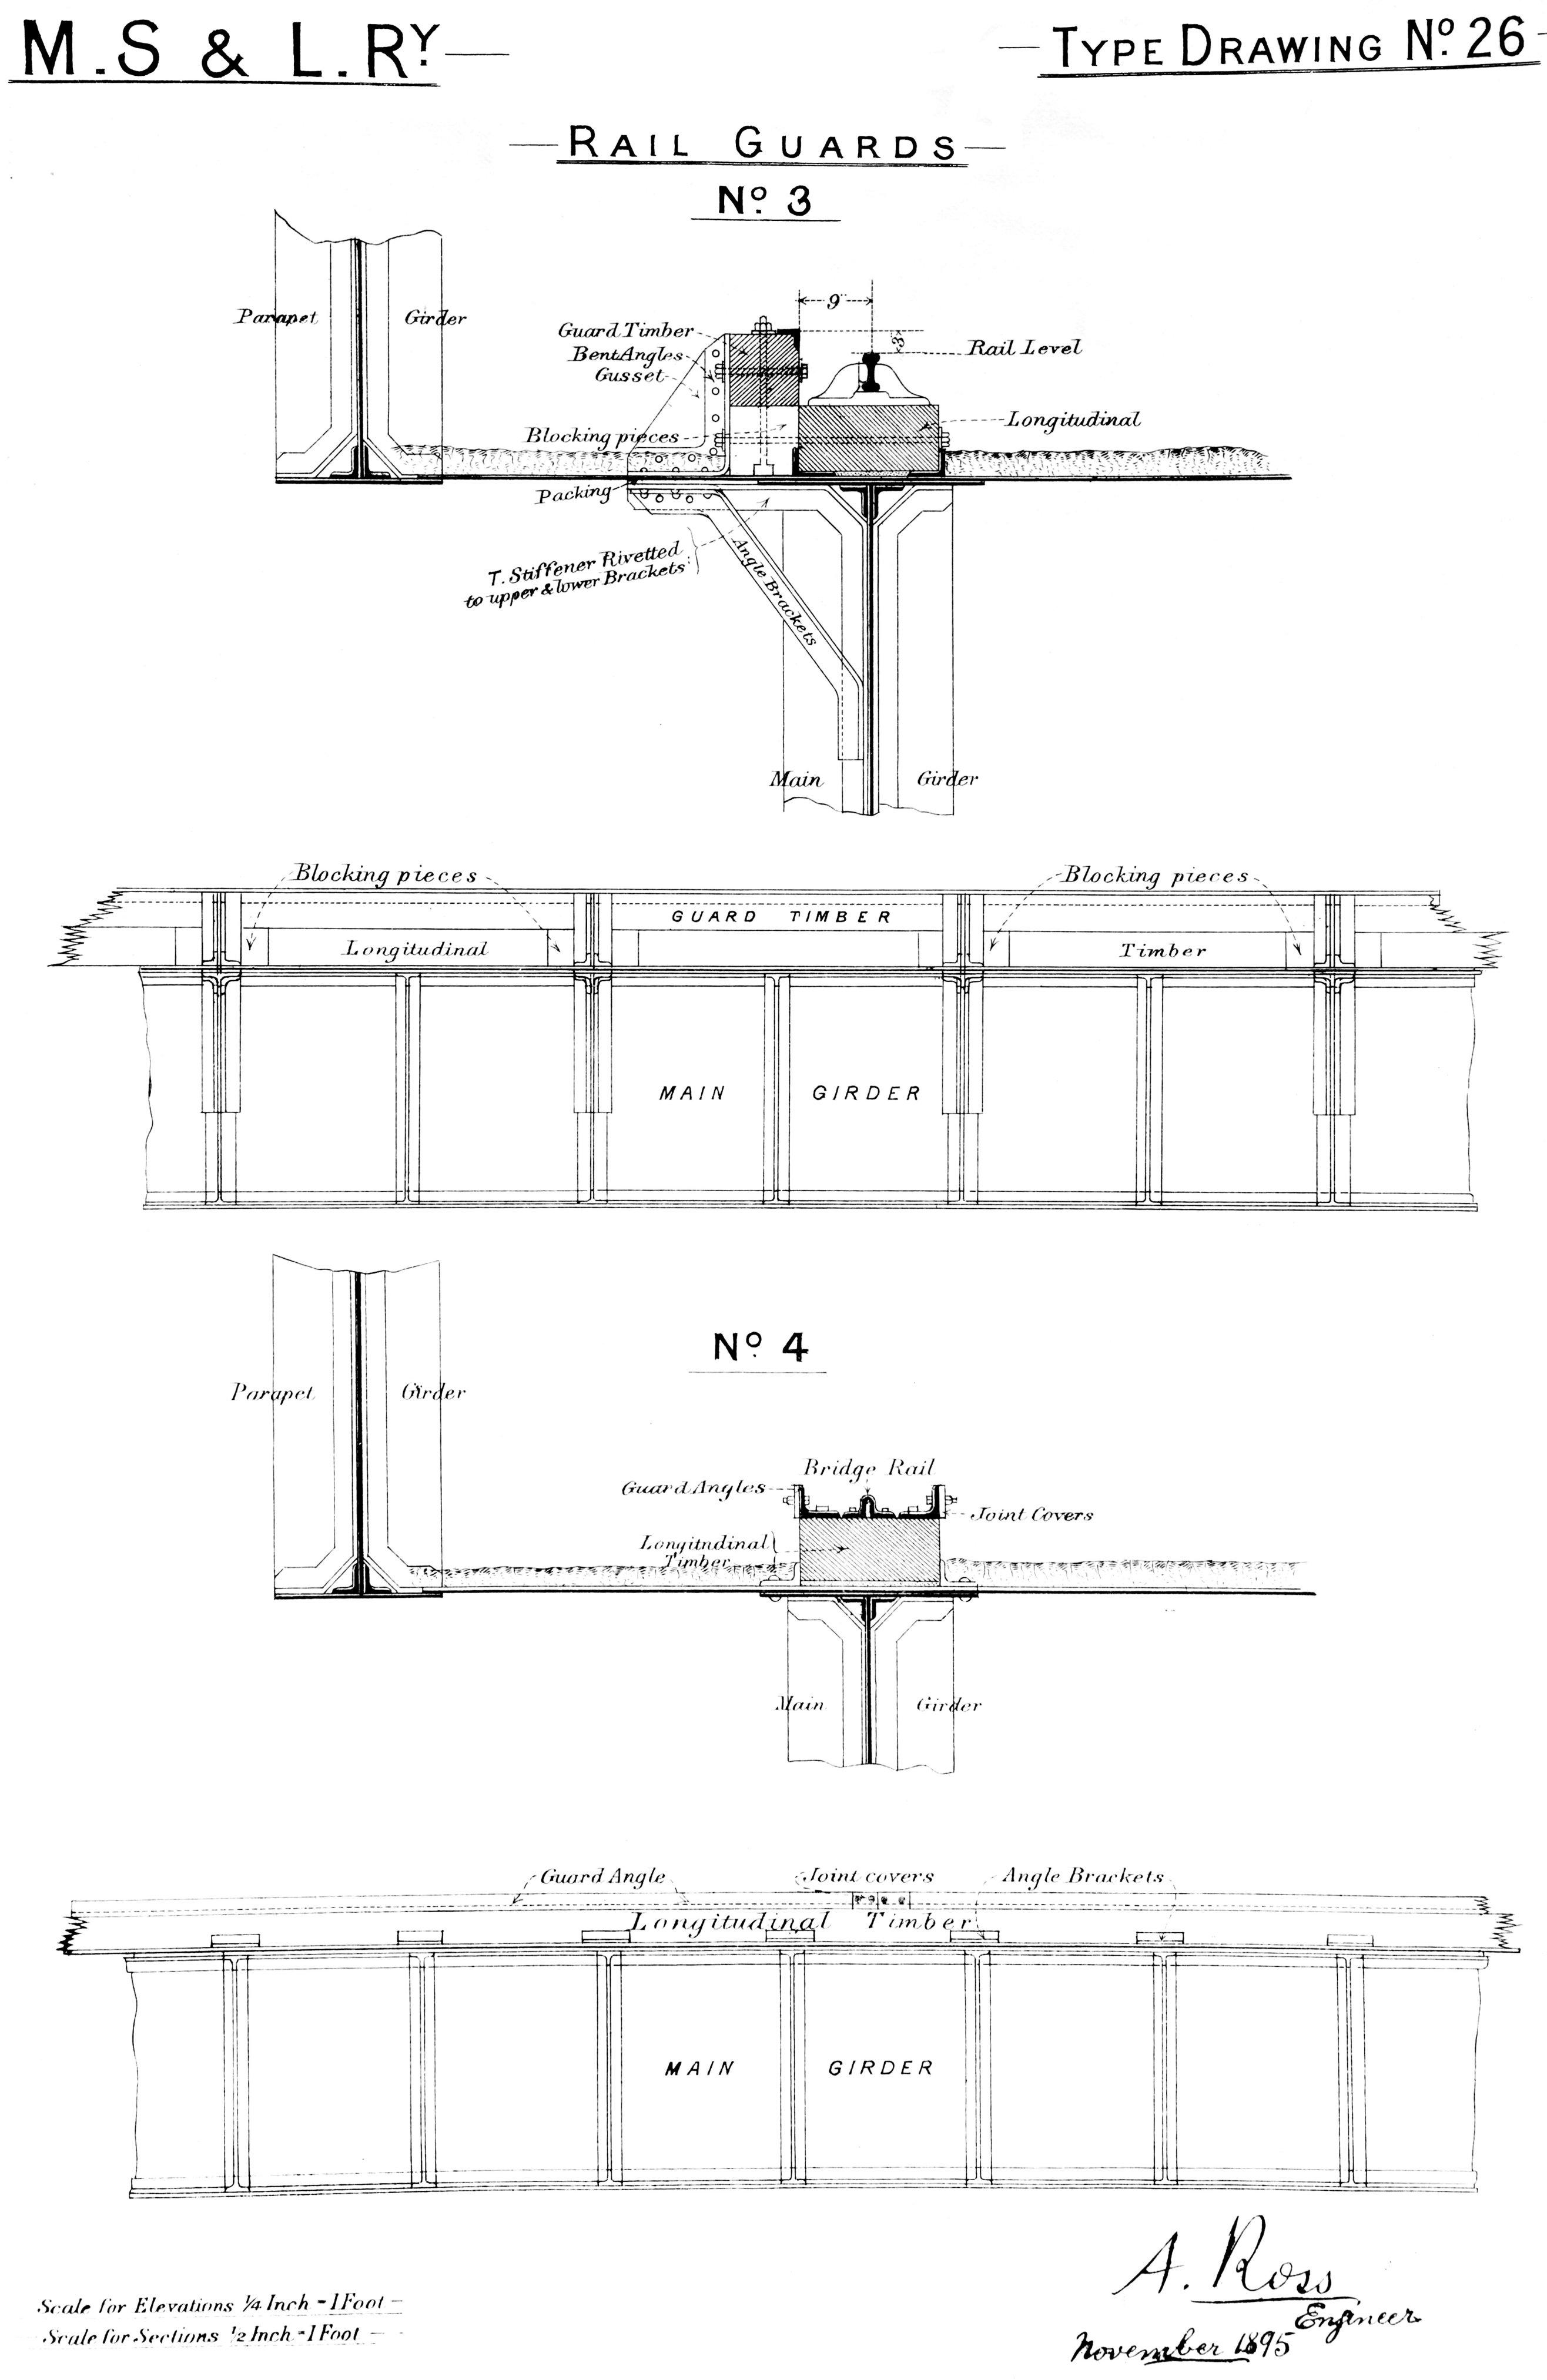 oldpway List of Drawings